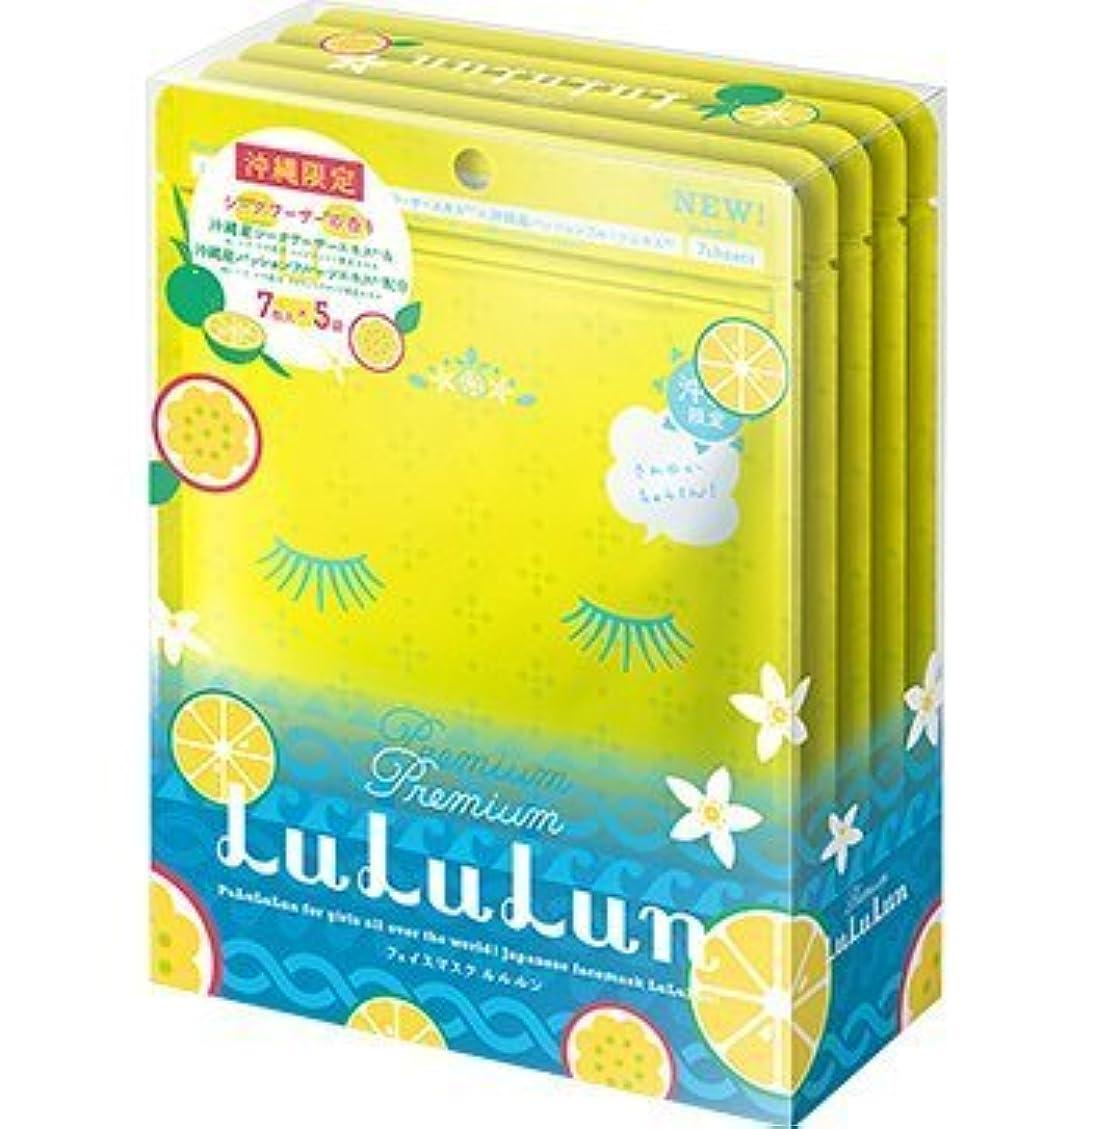 ひらめき放棄不正確沖縄限定 沖縄プレミアム ルルルン LuLuLun フェイスマスク シークワーサーの香り 7枚入り×5袋